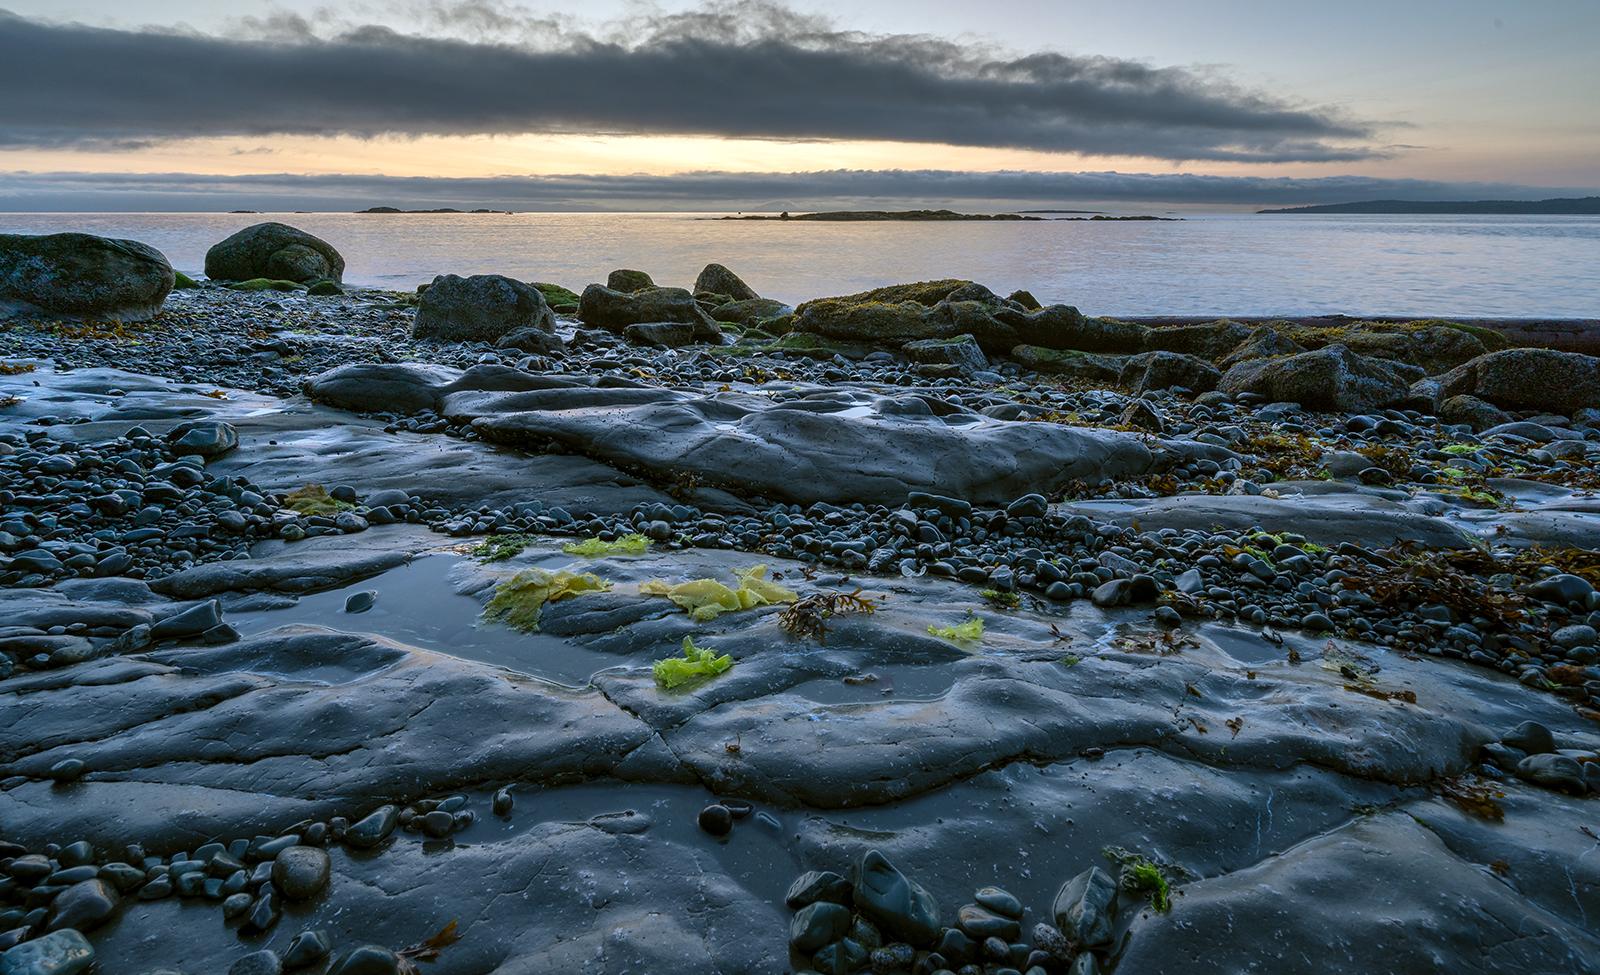 Stephenson Point Beach